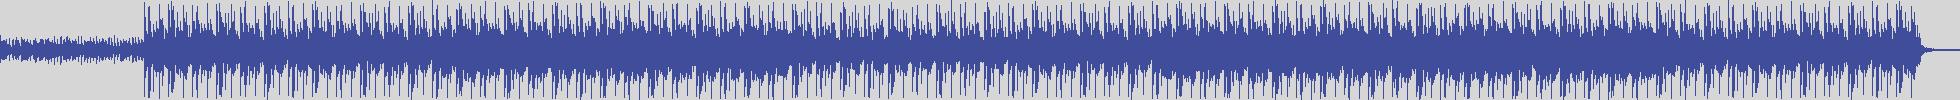 just_digital_records [JS1224] Nikon - Moon [Original Mix] audio wave form